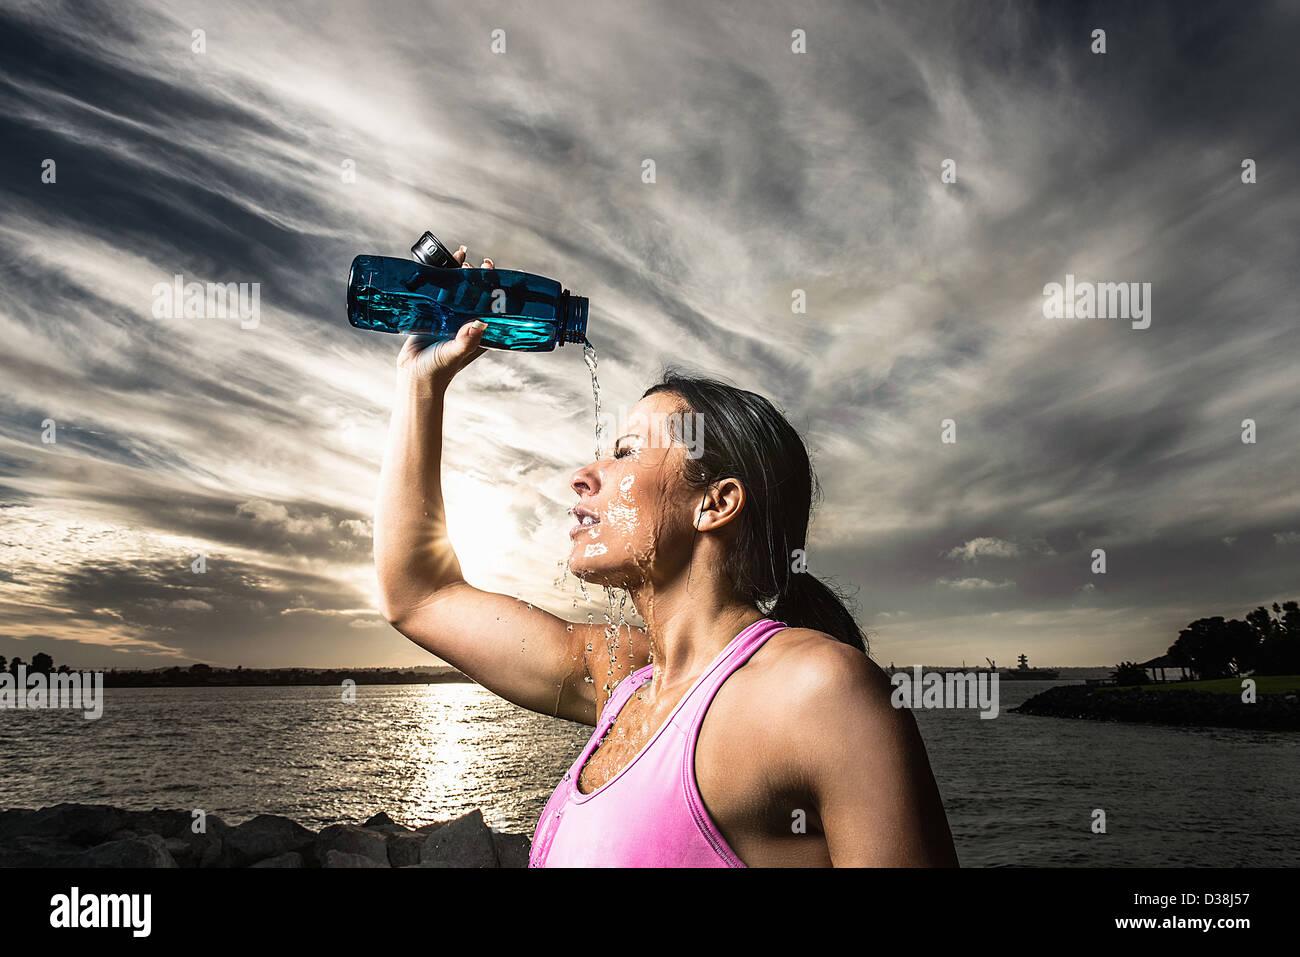 Runner verser de l'eau sur elle-même Banque D'Images